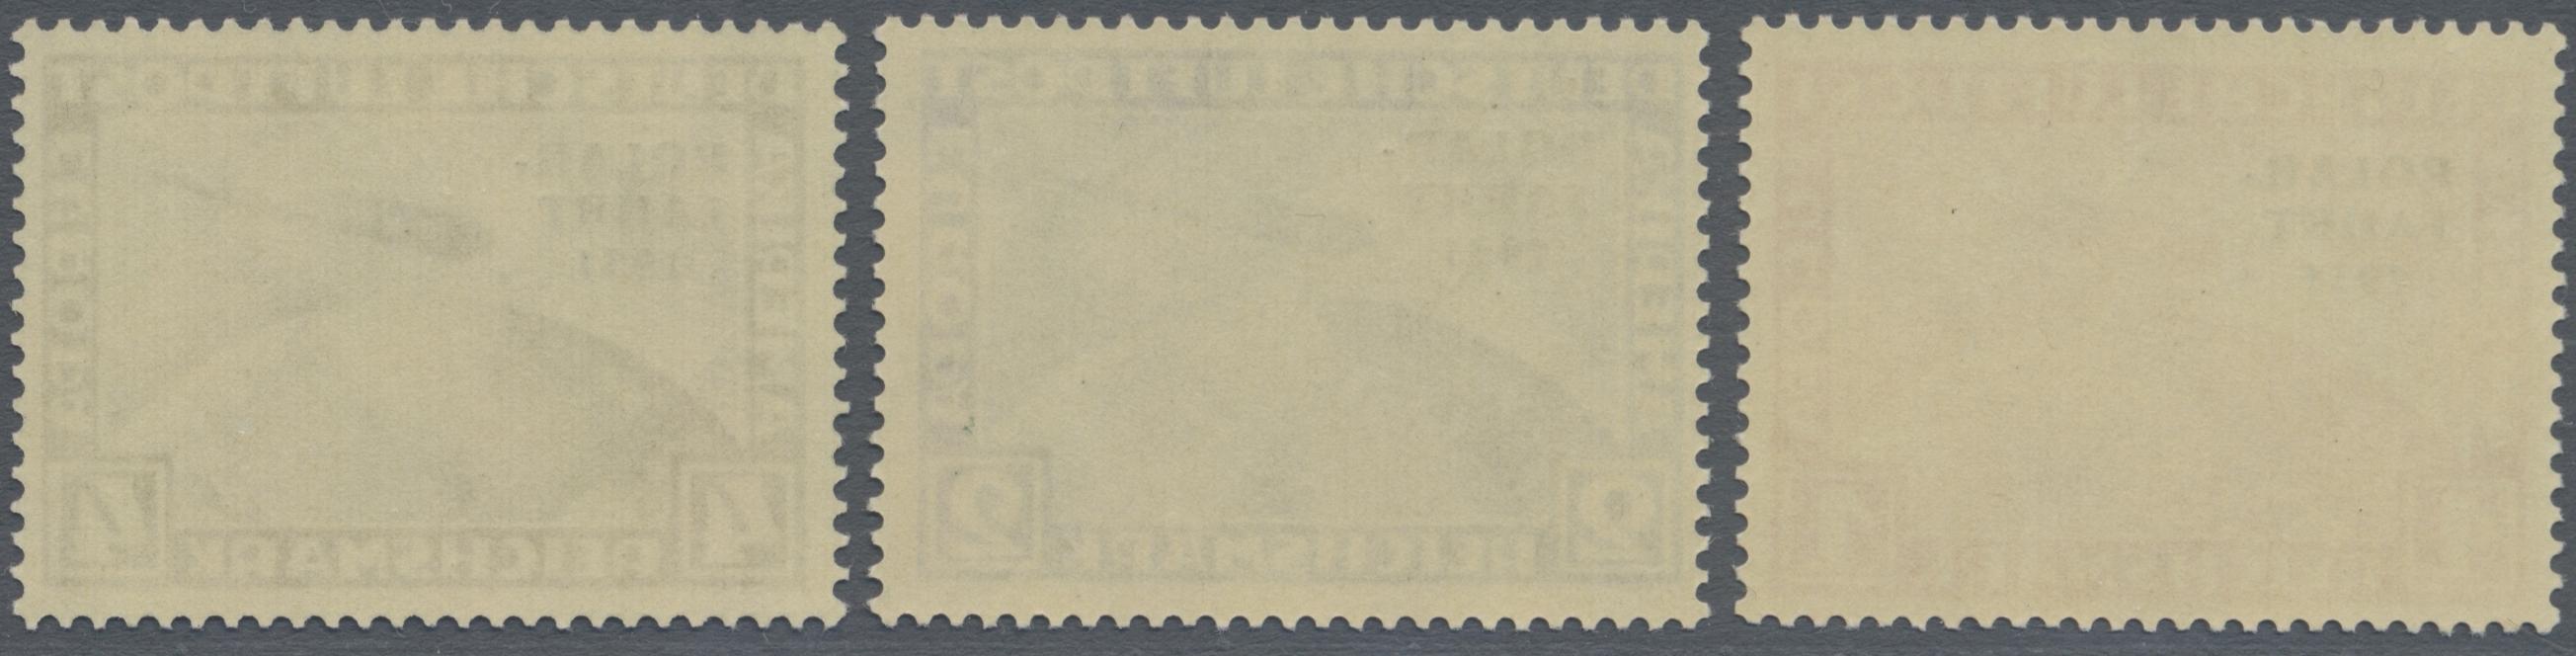 Lot 17382 - Deutsches Reich - Weimar  -  Auktionshaus Christoph Gärtner GmbH & Co. KG Sale #45- GERMANY